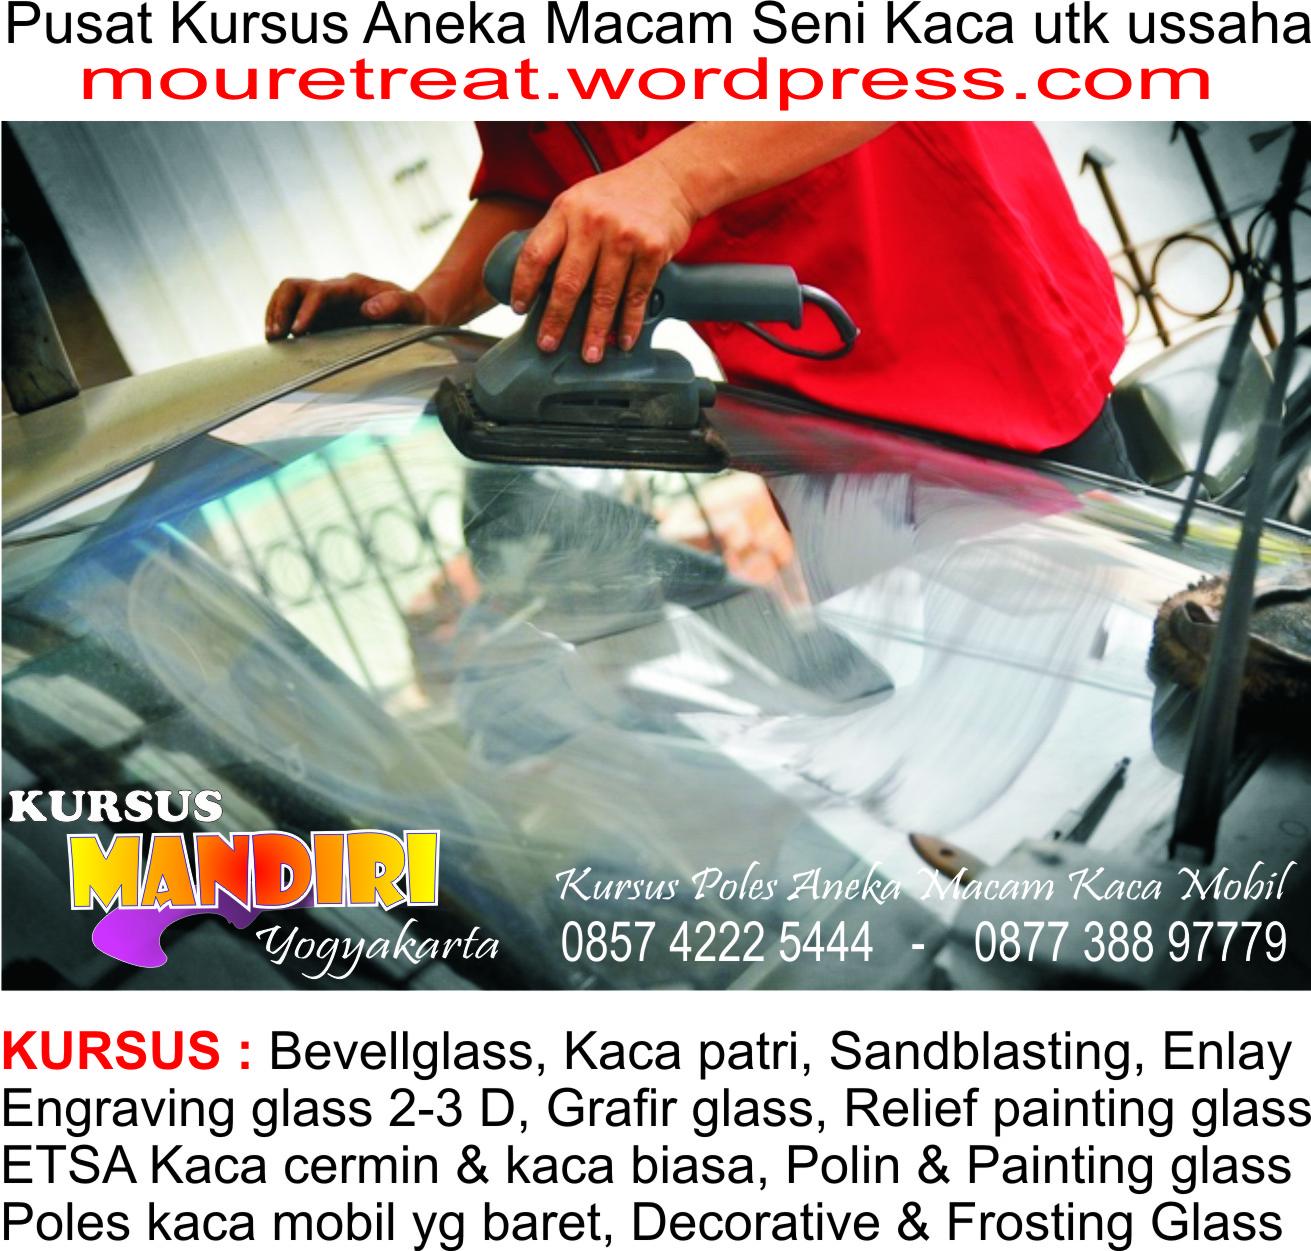 Gantungan Kunci Karet Frosted Fiberglass Digital